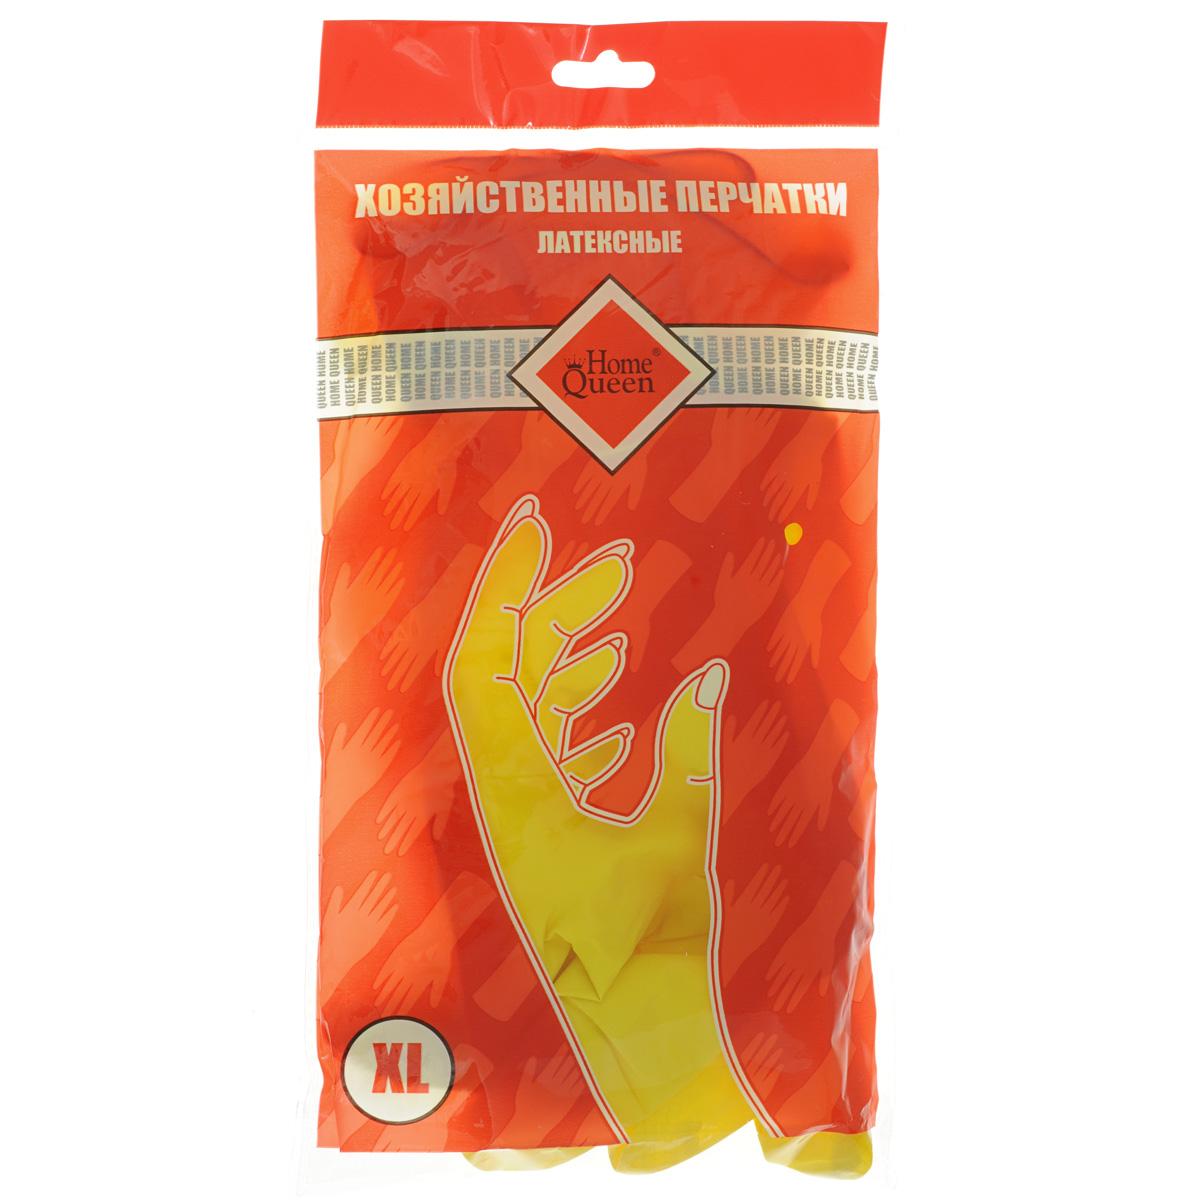 Перчатки латексные Home Queen. Размер XL48Перчатки Home Queen, изготовленные из латекса, защитят ваши руки от воздействия бытовой химии и грязи. Подойдут для всех видов хозяйственных работ.